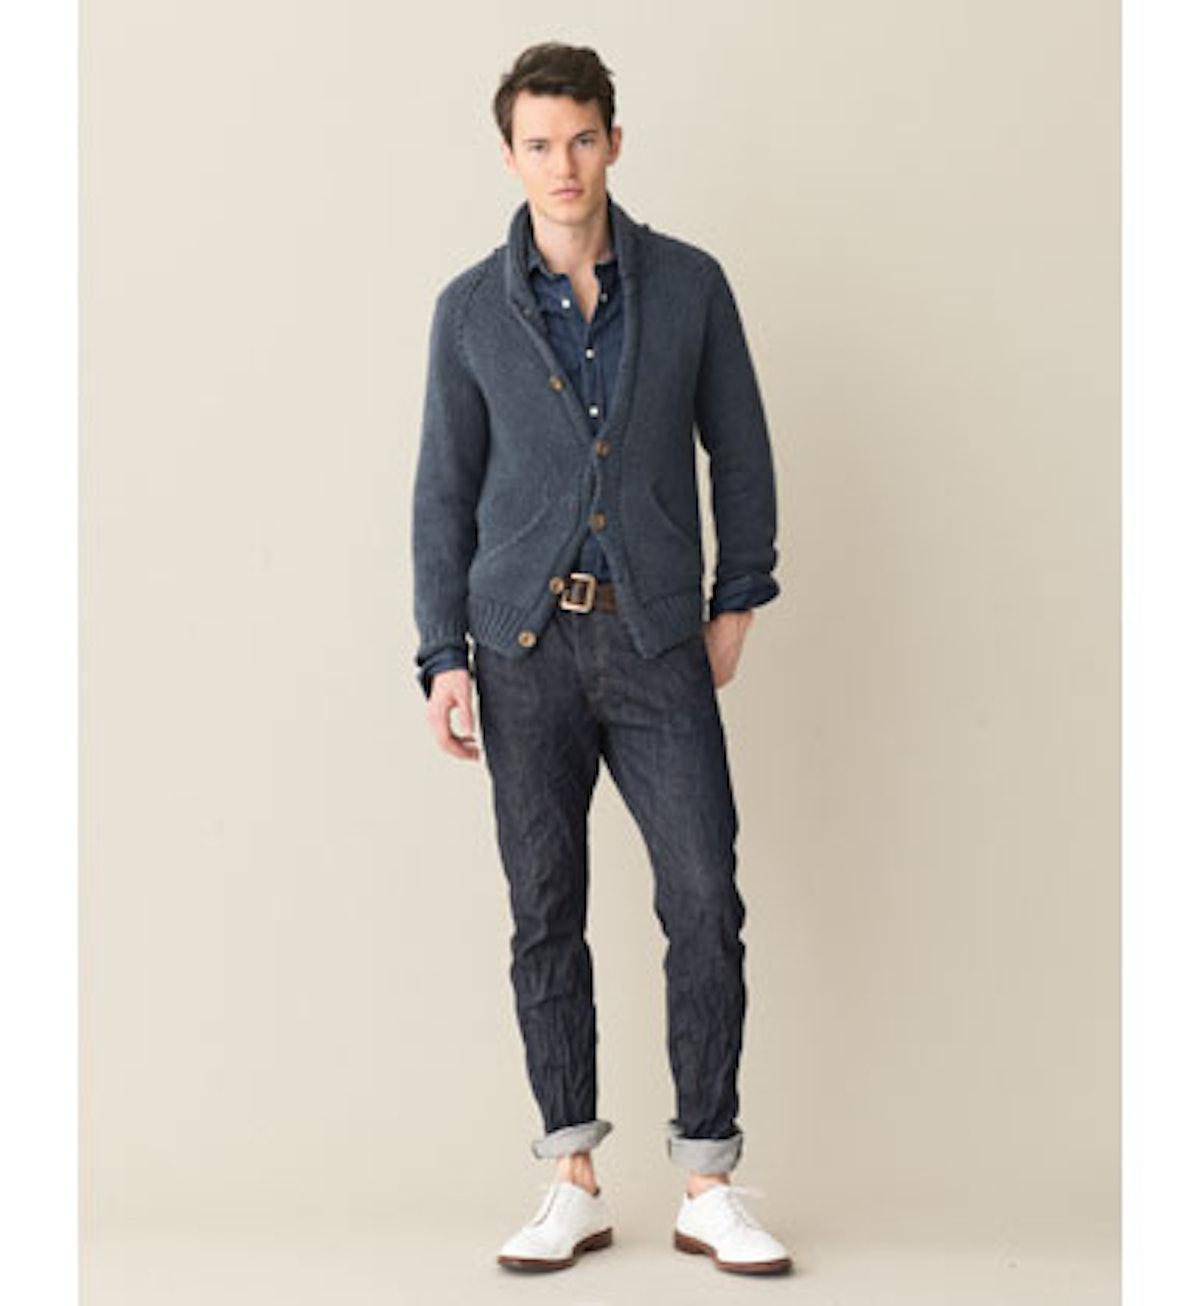 blog_jcrew_jeans.jpg